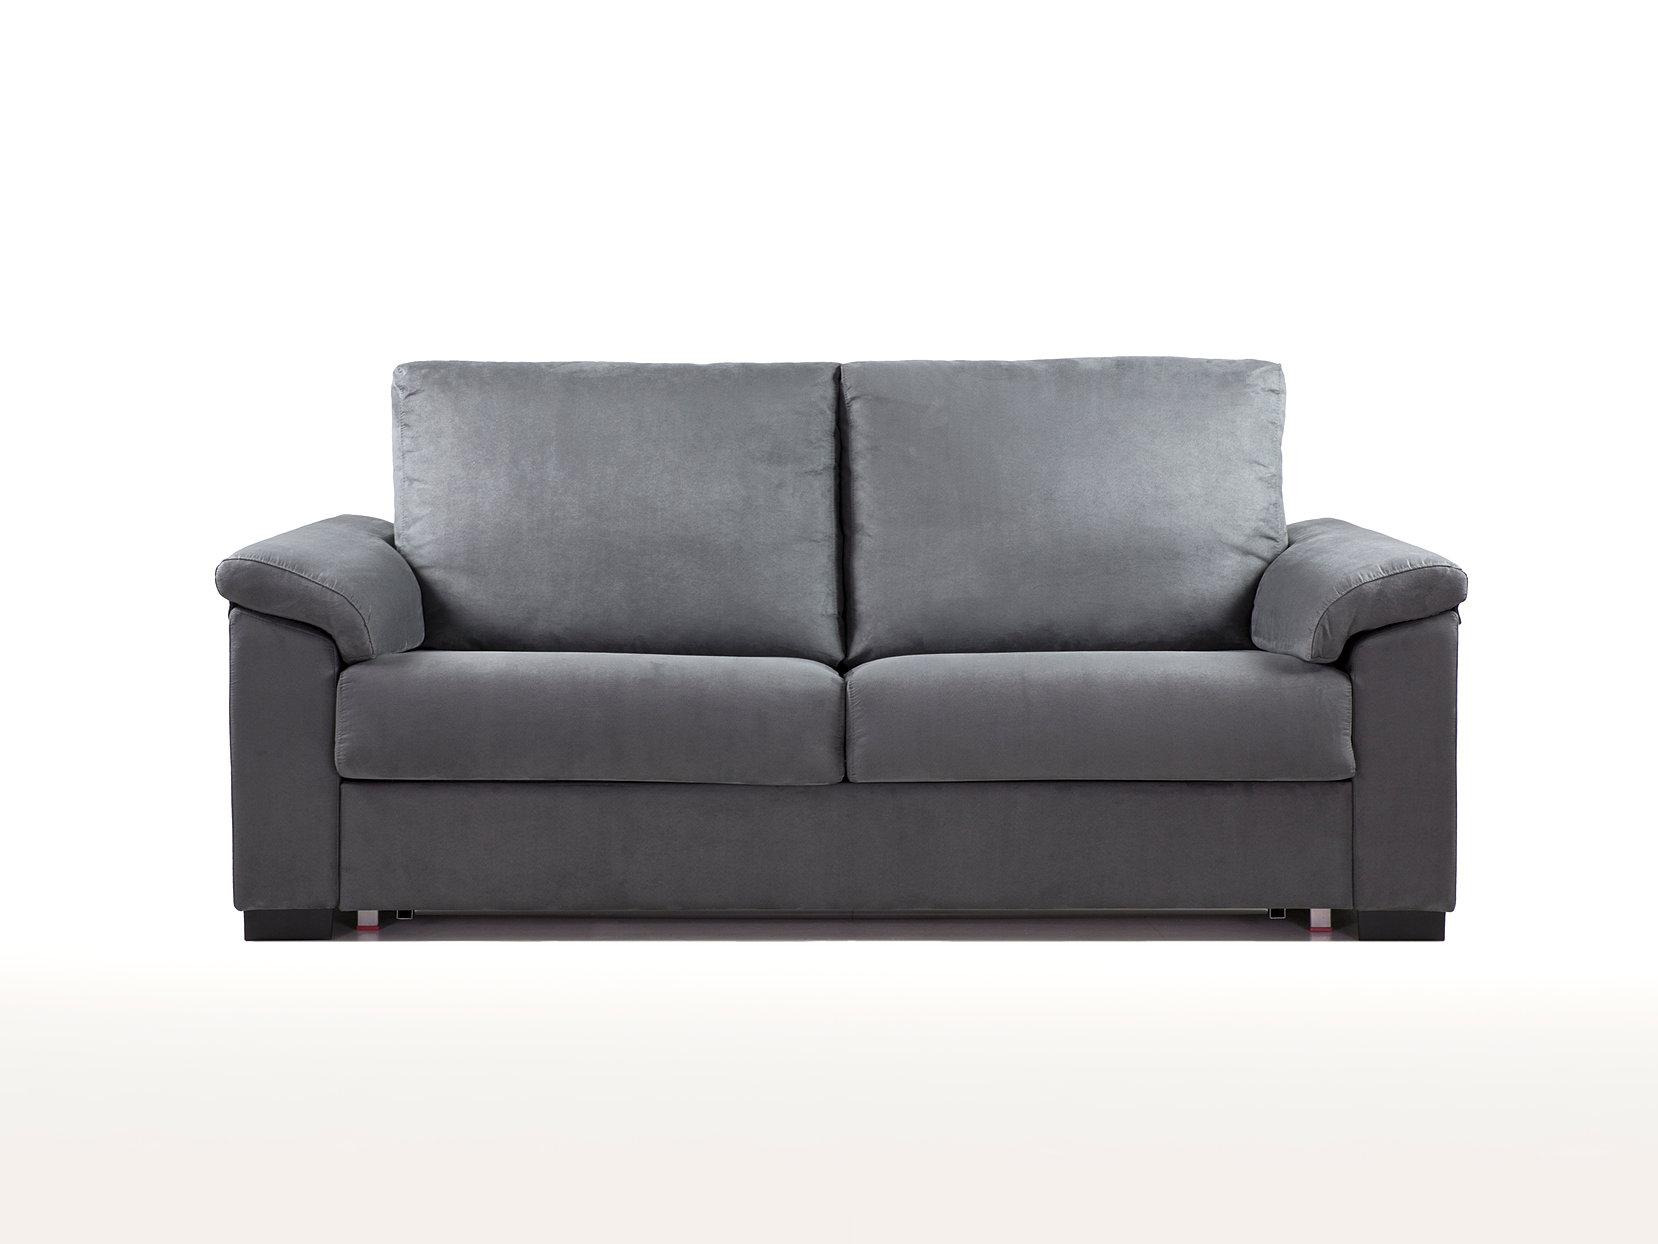 Bigsofass m laga sof s cama de garant a for Sofas baratos malaga